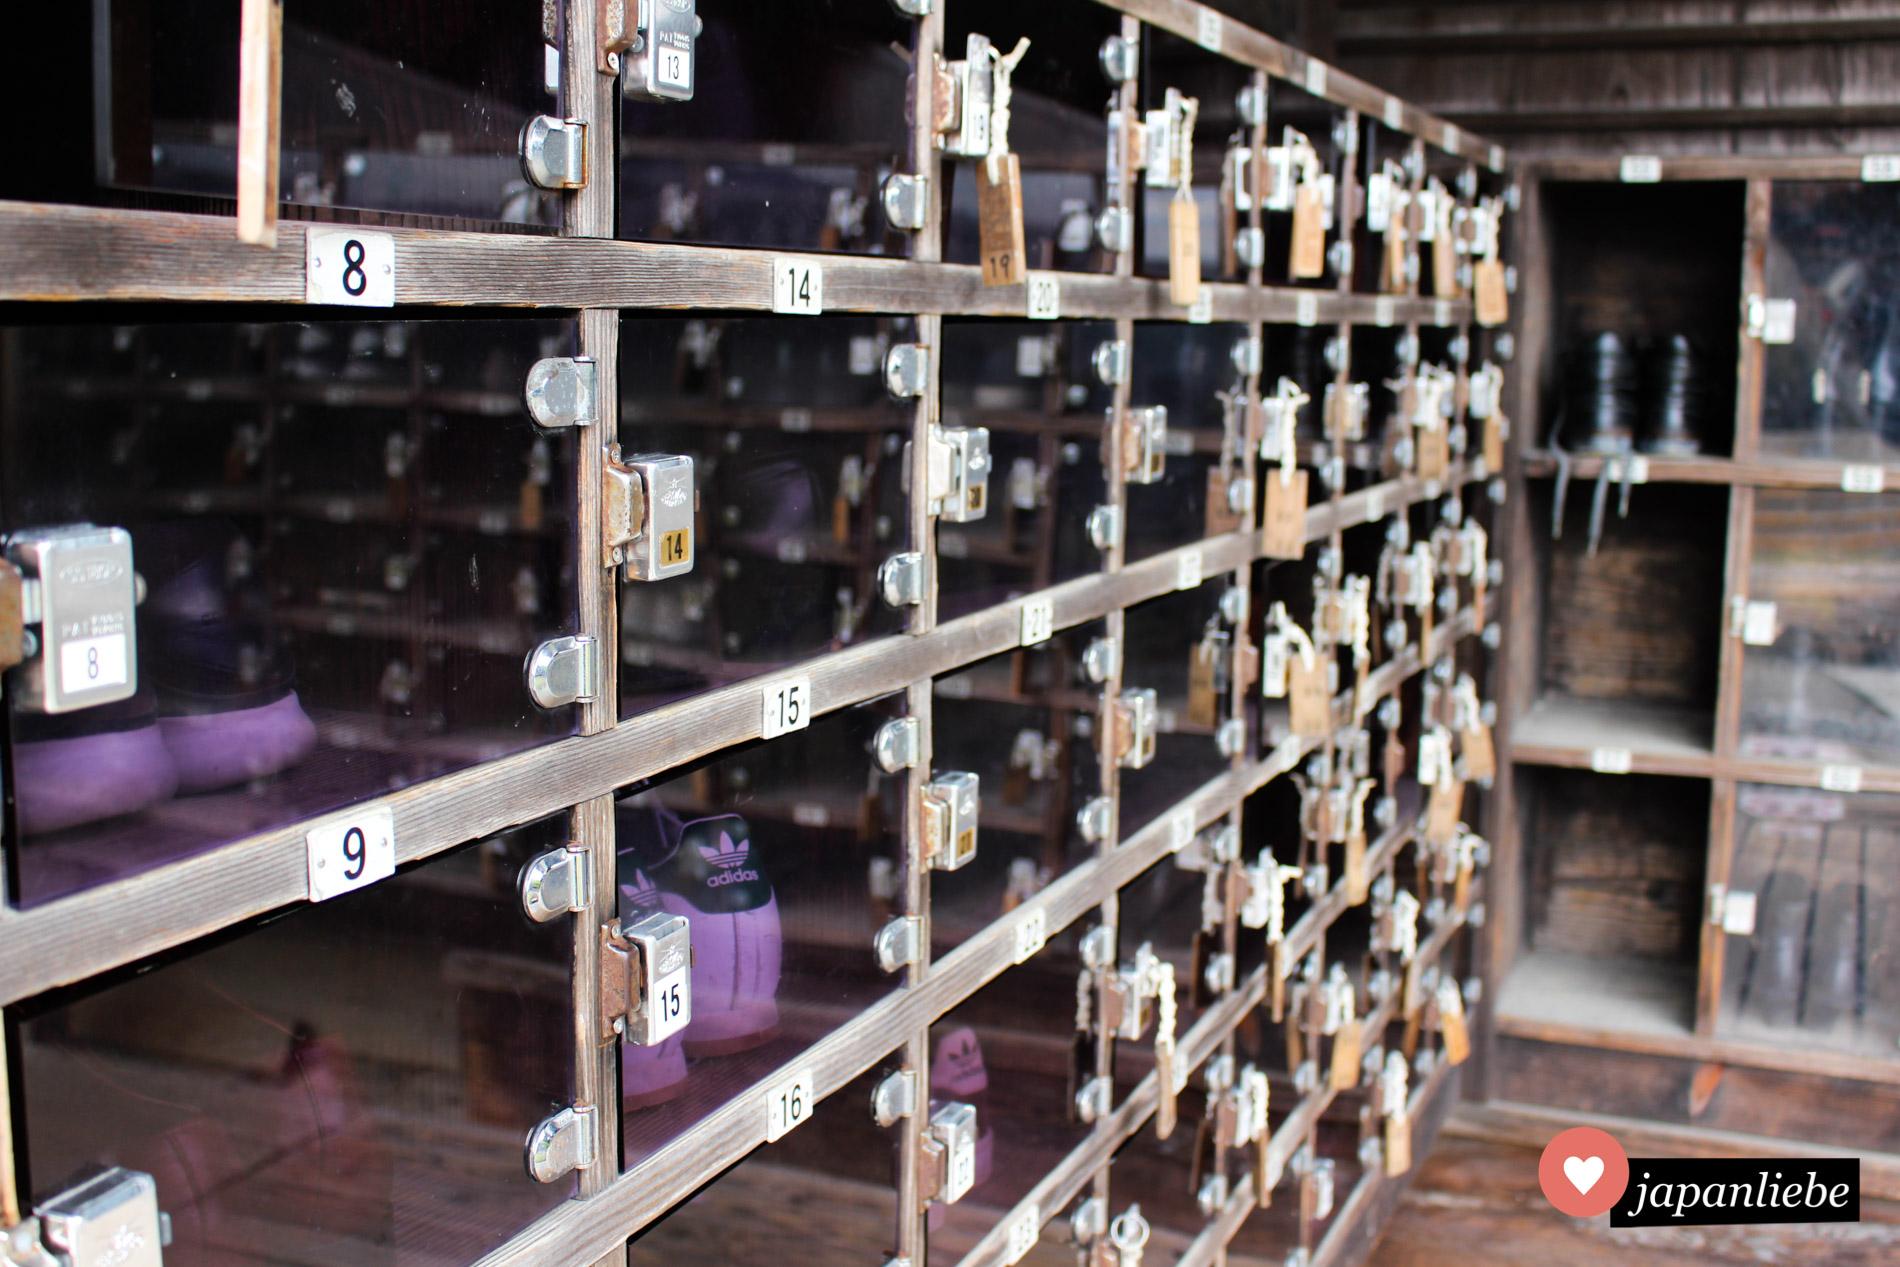 Bevor man die Burg in Kōchi betreten darf, müssen die Schuhe in einem extra dafür vorgesehen Schließfach verstaut werden.